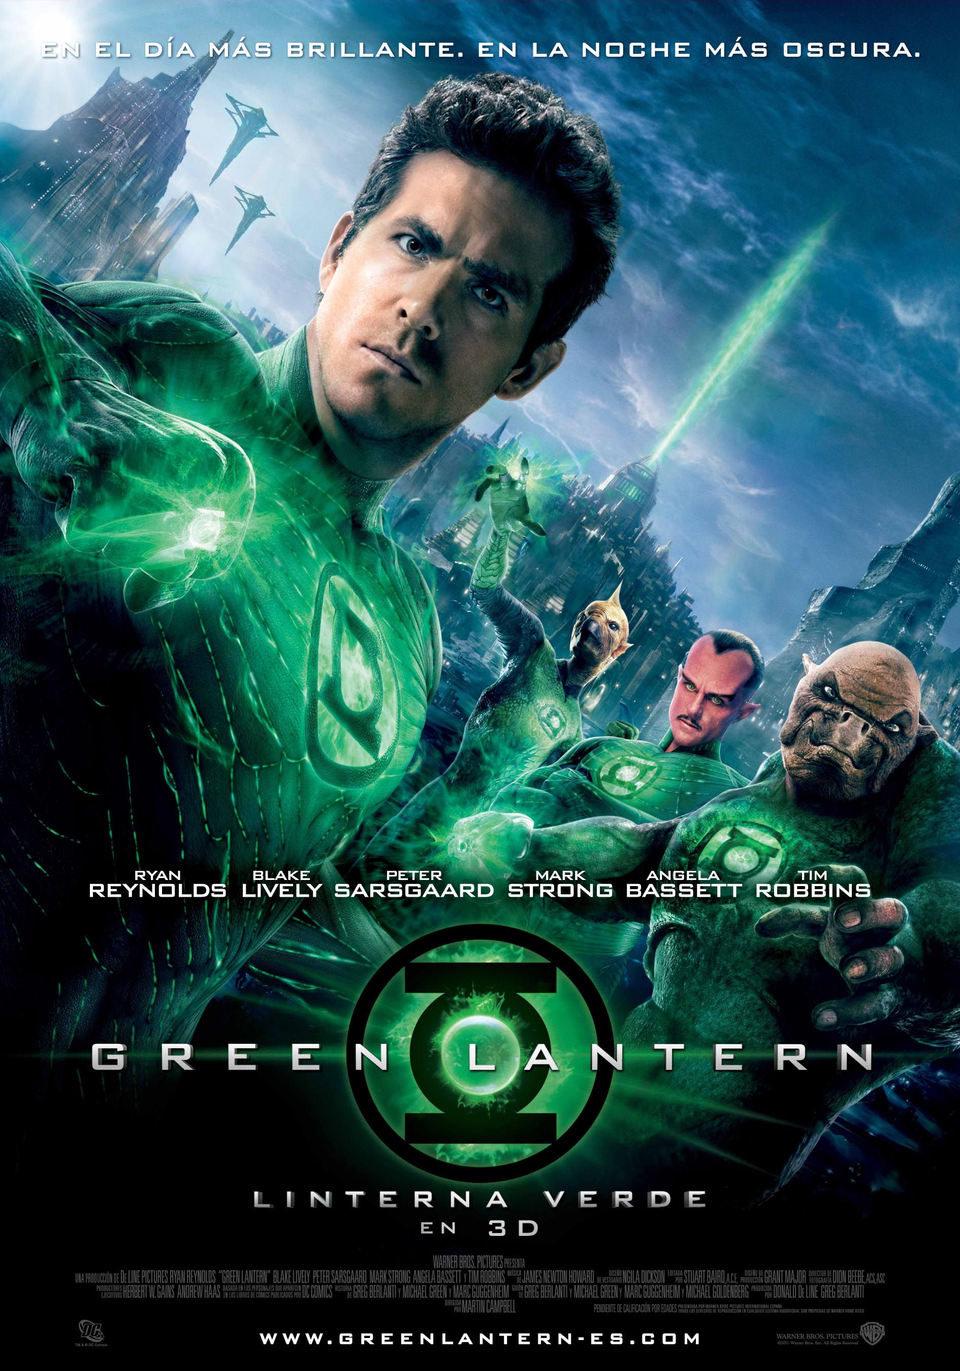 España poster for Green Lantern